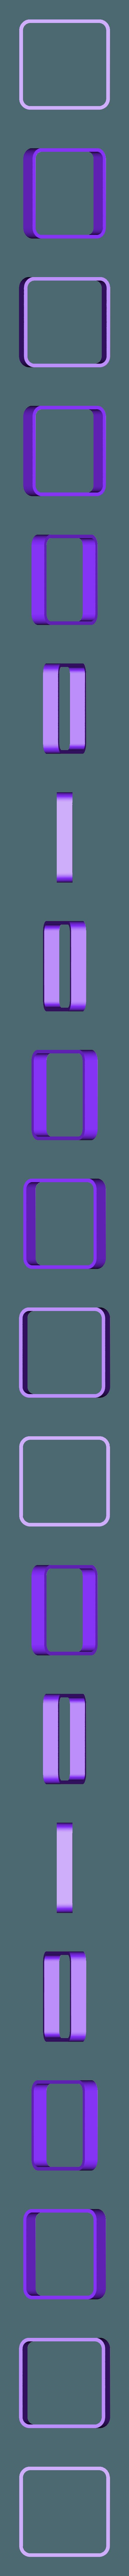 30mm_Fan_Band_v1-0.STL Télécharger fichier STL gratuit Montage de l'extrudeuse à réservoir (RigidBot, E3Dv6, Printrbot Gear Head) • Plan imprimable en 3D, WalterHsiao